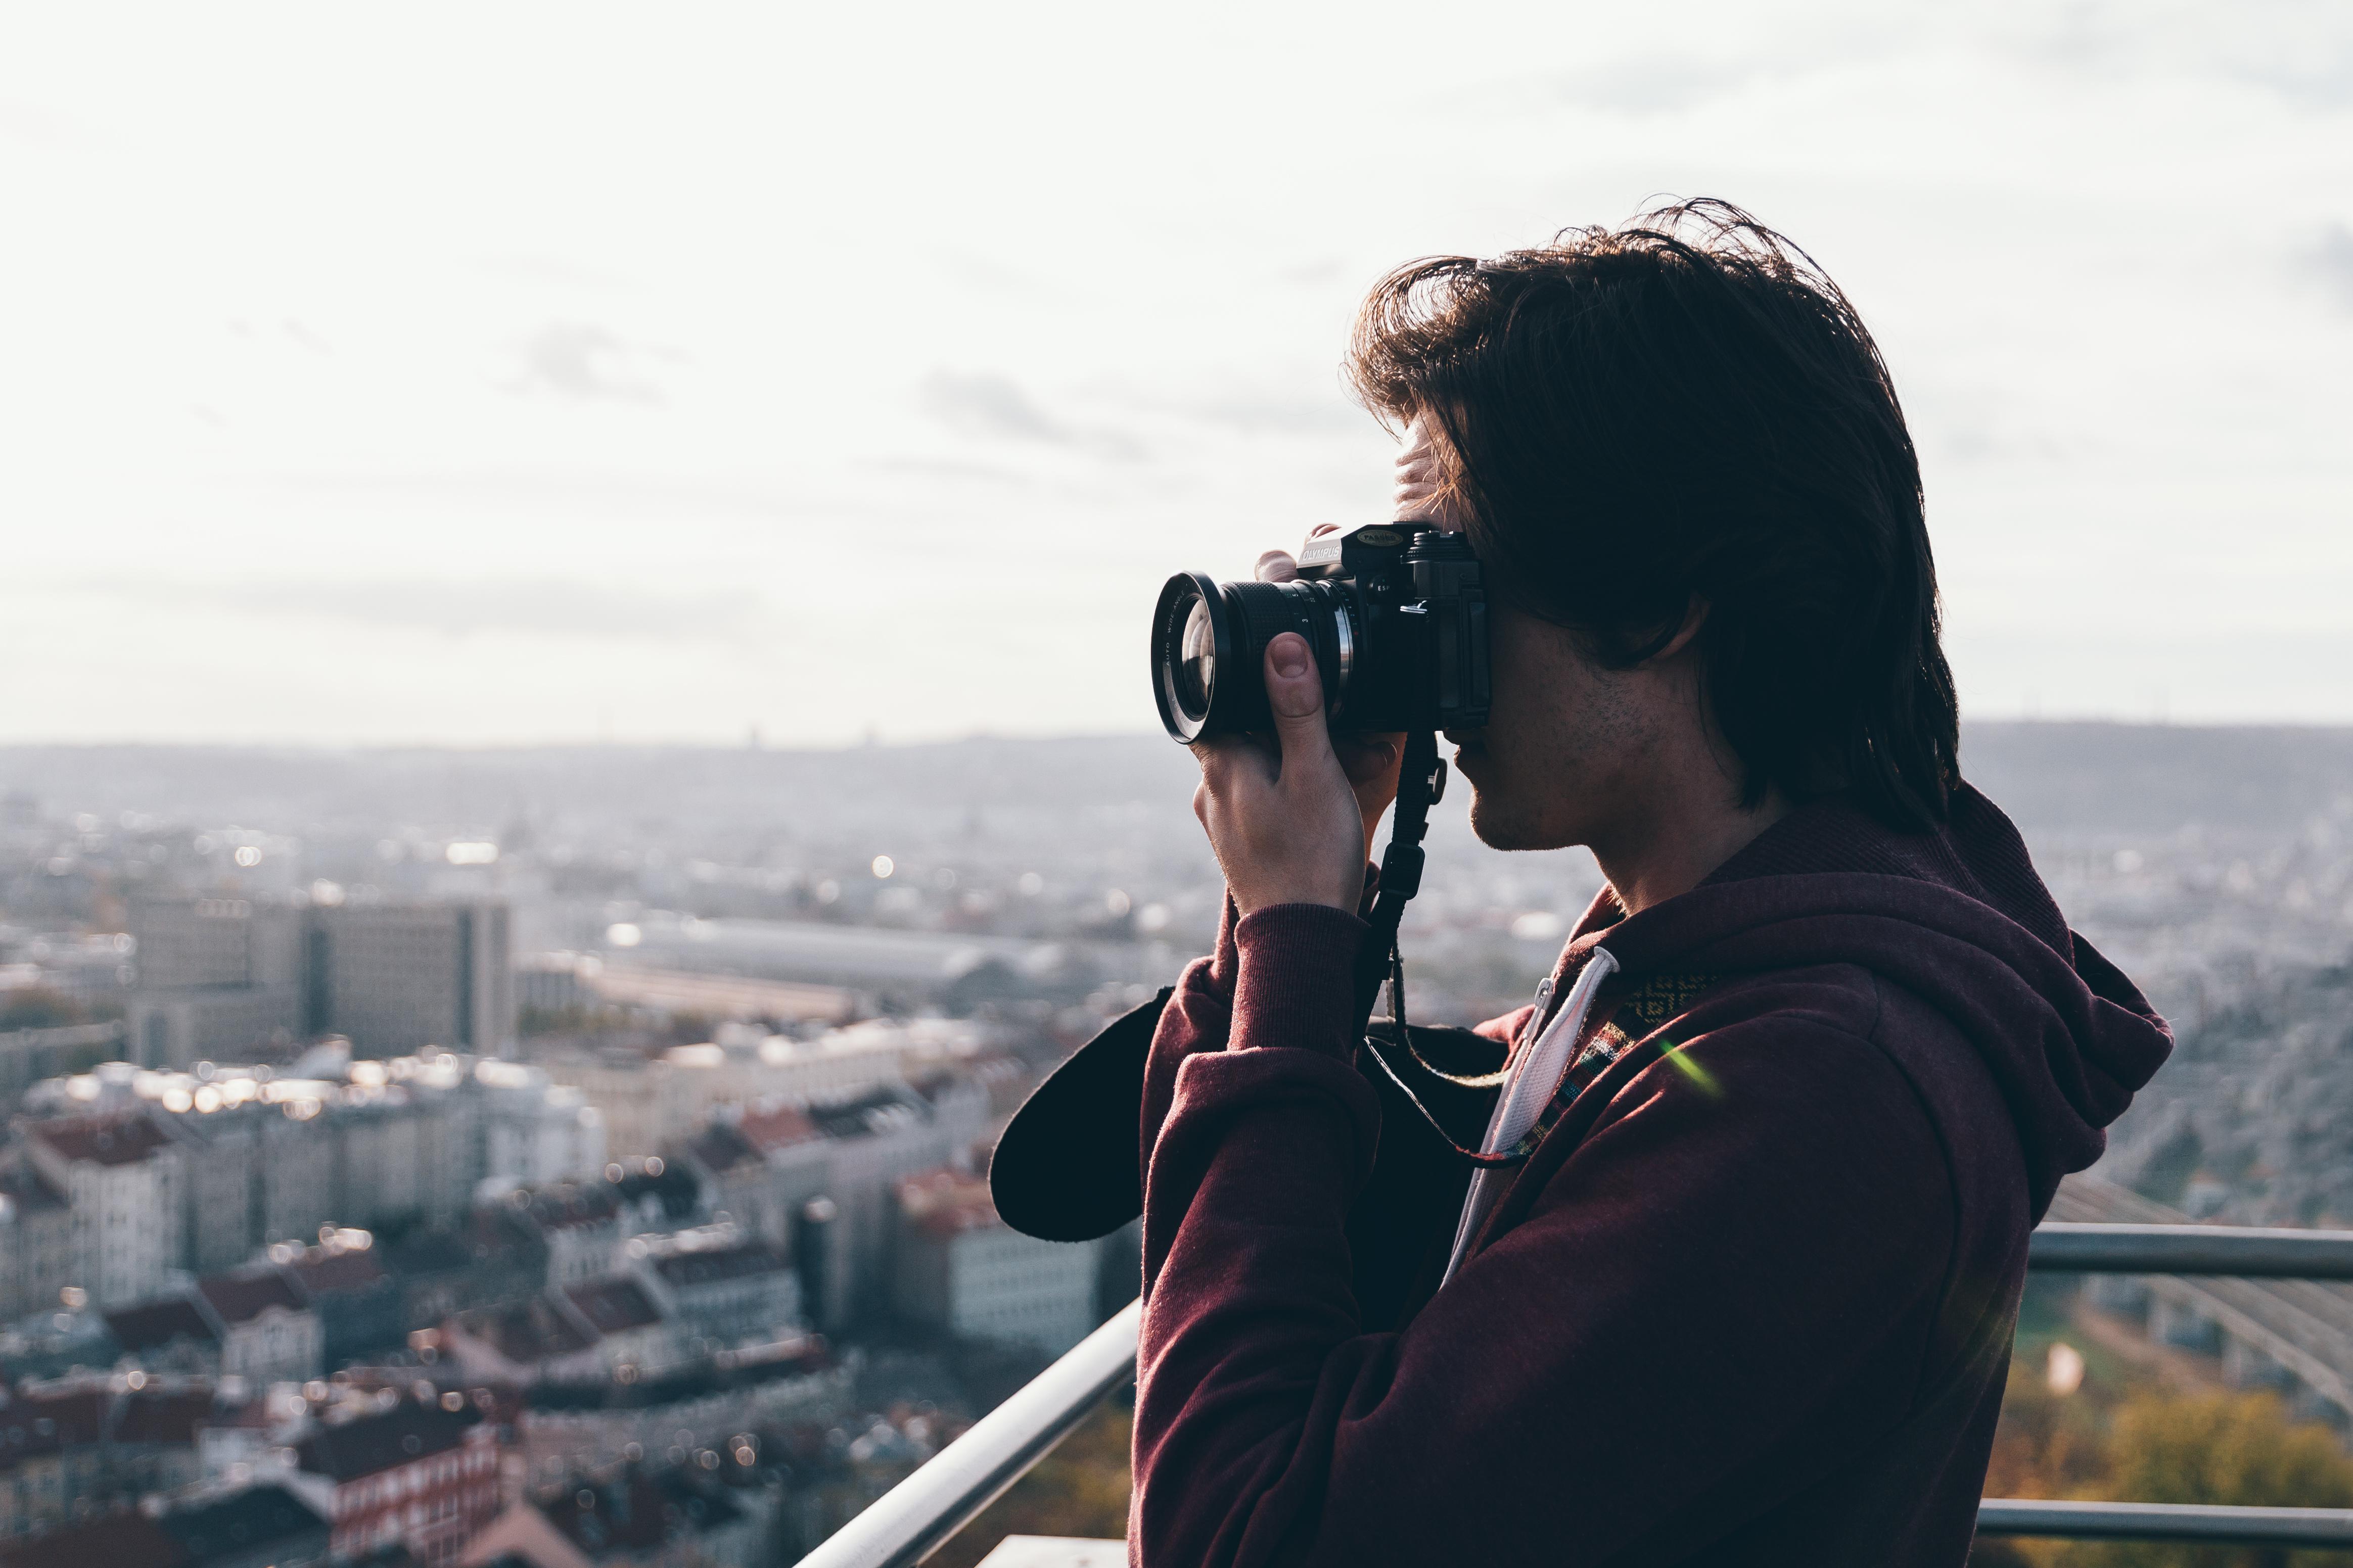 478287699 ... Alto, panorama, lente, homem, Ao ar livre, pessoa, fotógrafo,  fotografia, cenário, tecnologia, Turista, urbano, Visão, Zoom, céu, menina,  oculos de sol, ...